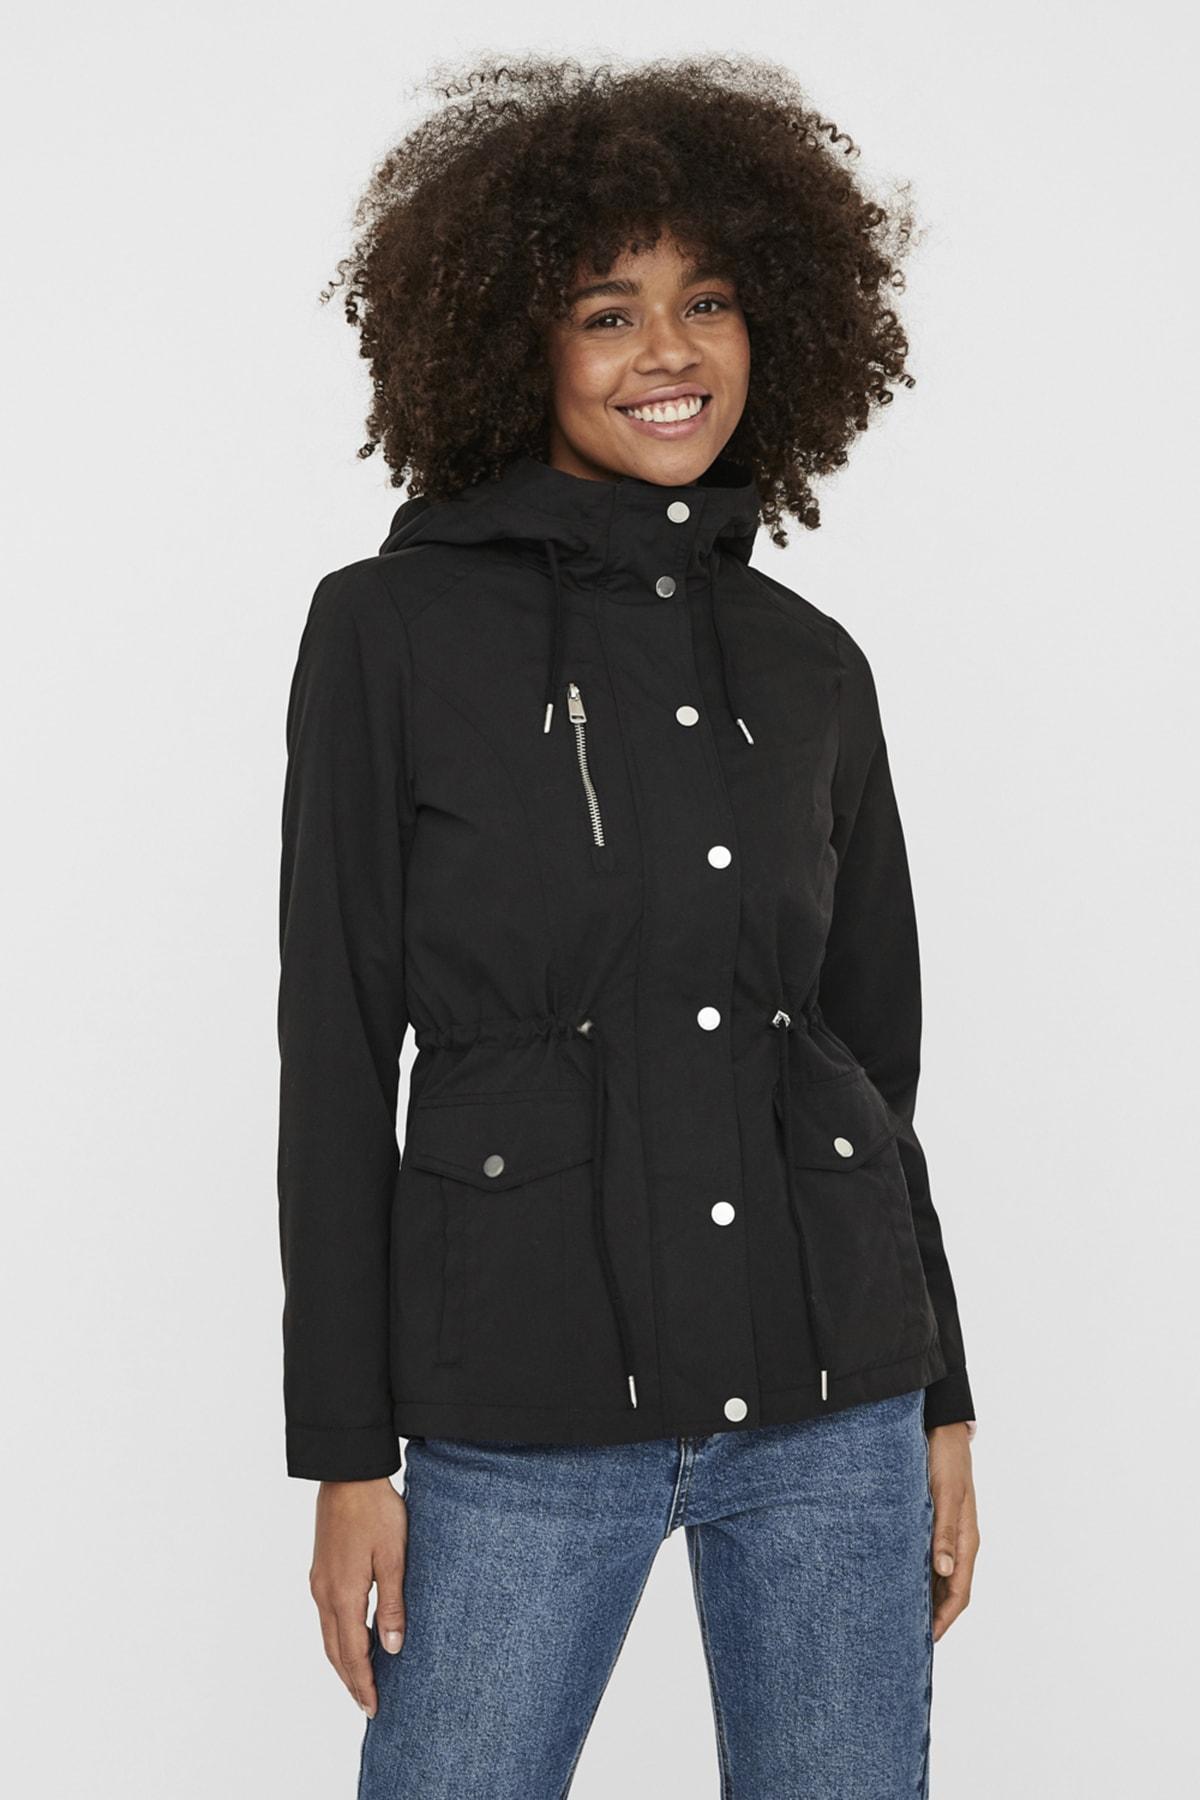 Vero Moda Kadın Black Kapüşonlu Beli Büzülebilir Mont 10238695 VMPERNILLE